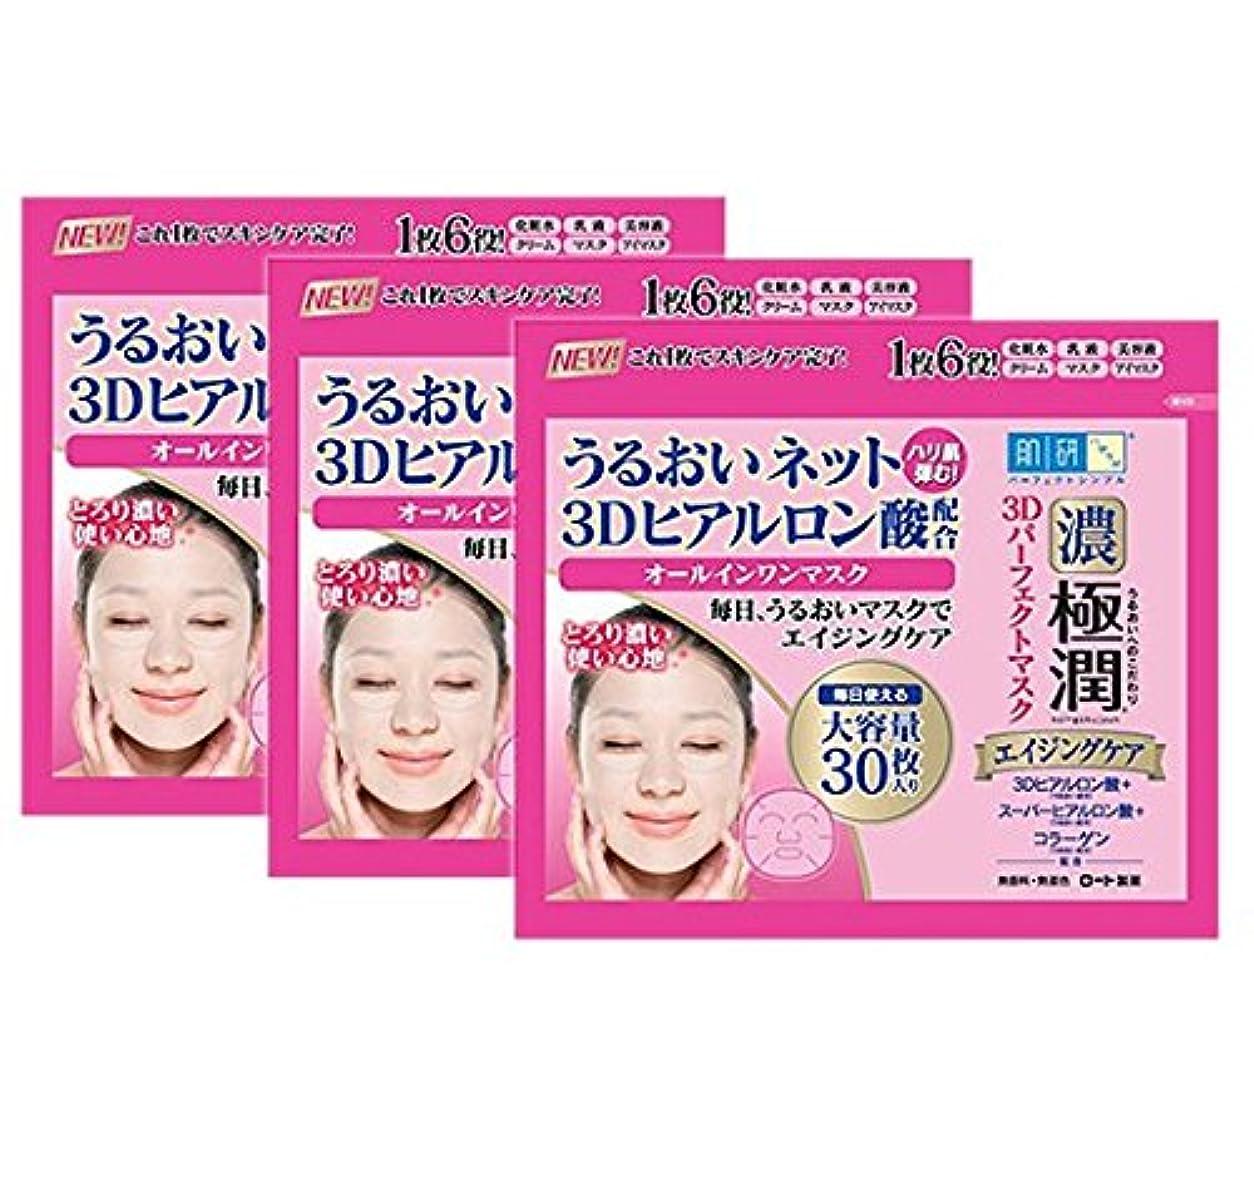 興奮休眠リアル【3個セット】肌研(ハダラボ) 極潤 3Dパーフェクトマスク 30枚入